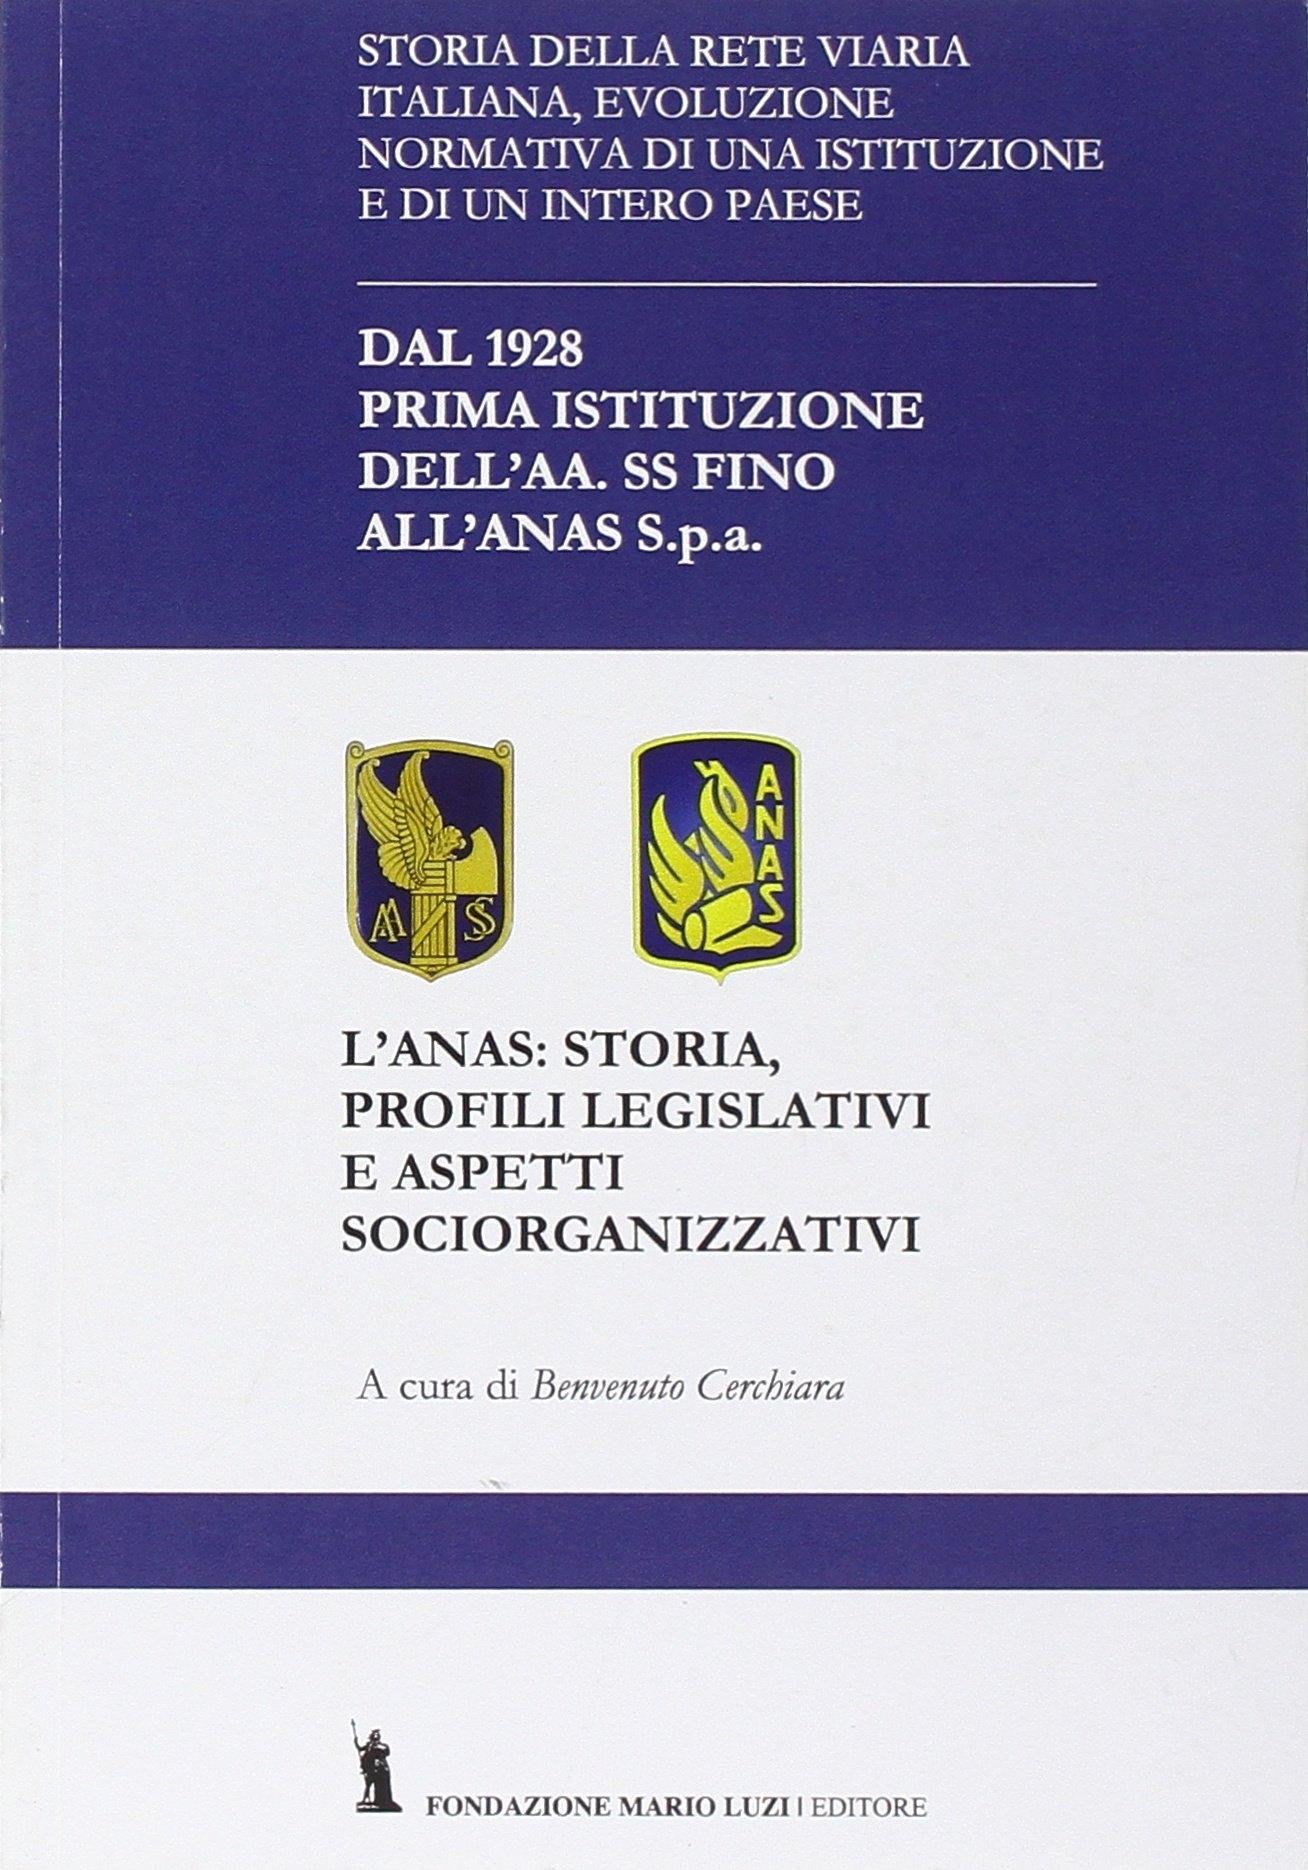 L'Anas. Storia, profili legislativi e aspetti socio-organizzativi.